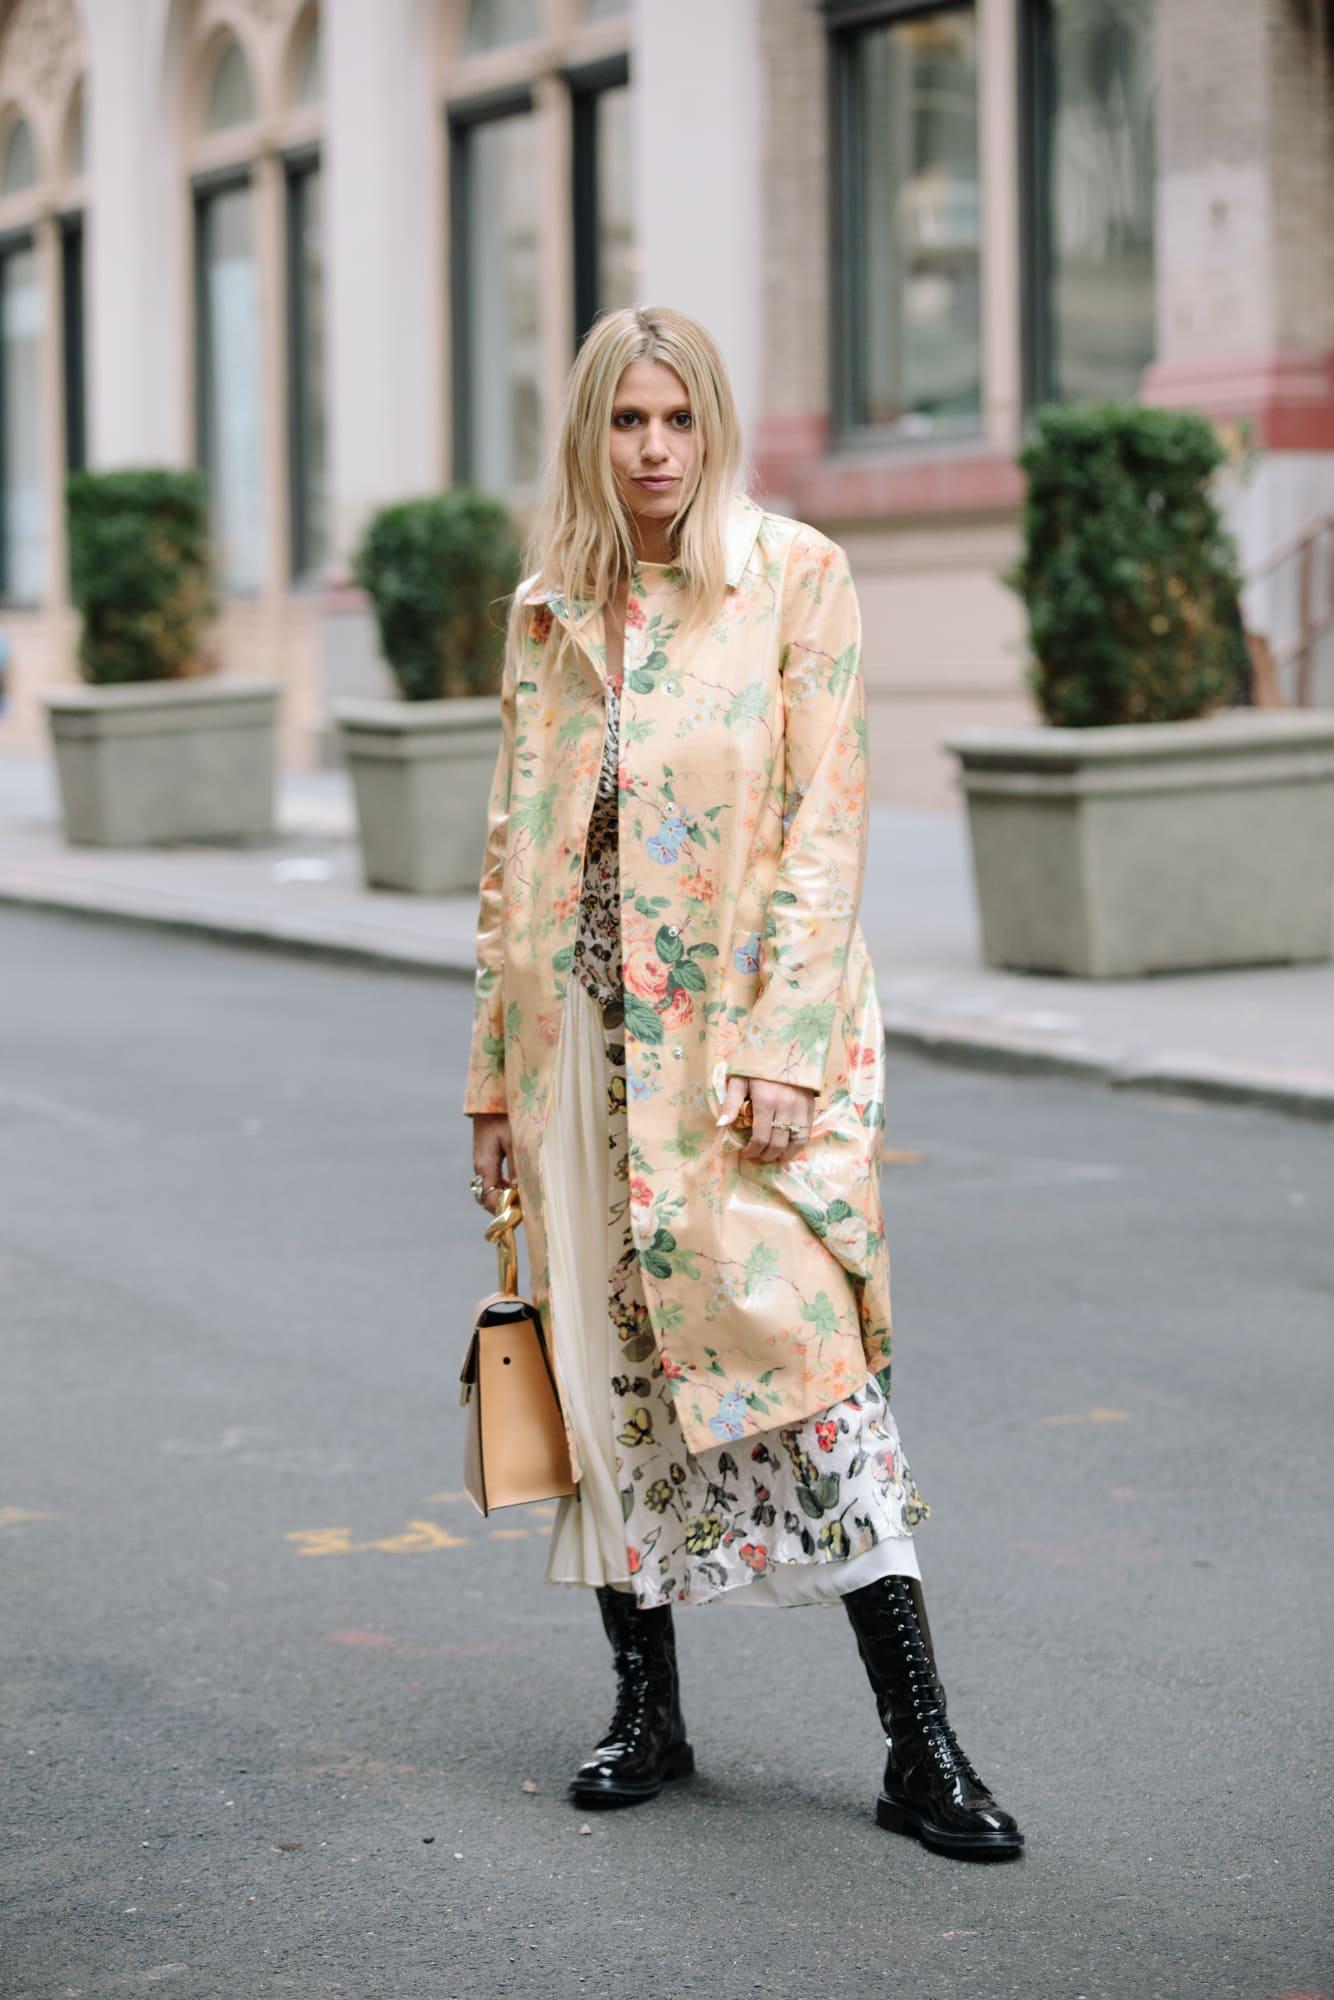 phối đồ nhiều họa tiết với đầm hoa và áo khoác hoa